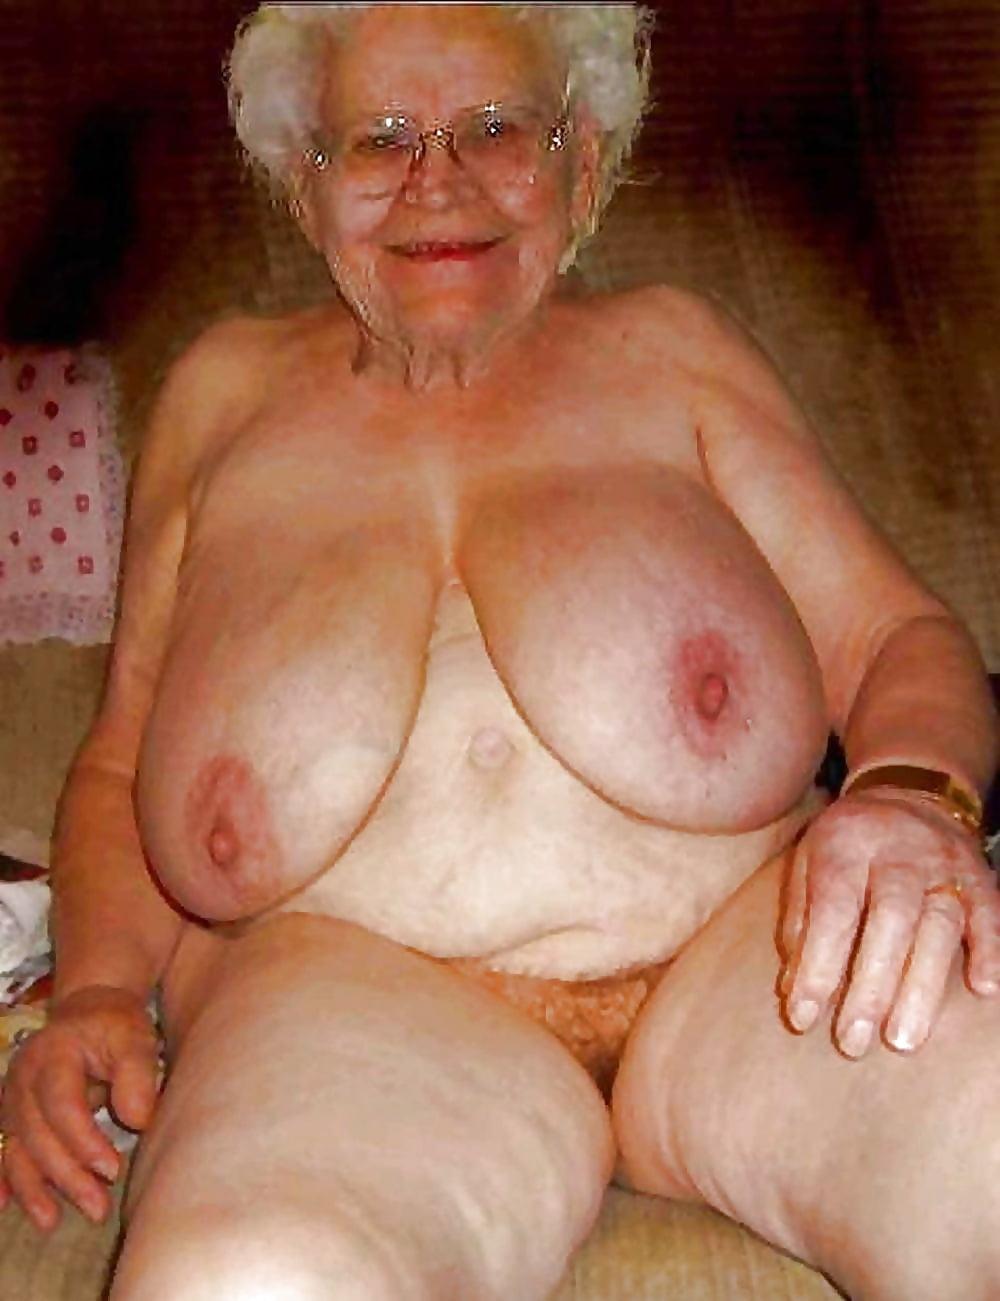 голые старушки иже большими сиськами - 8